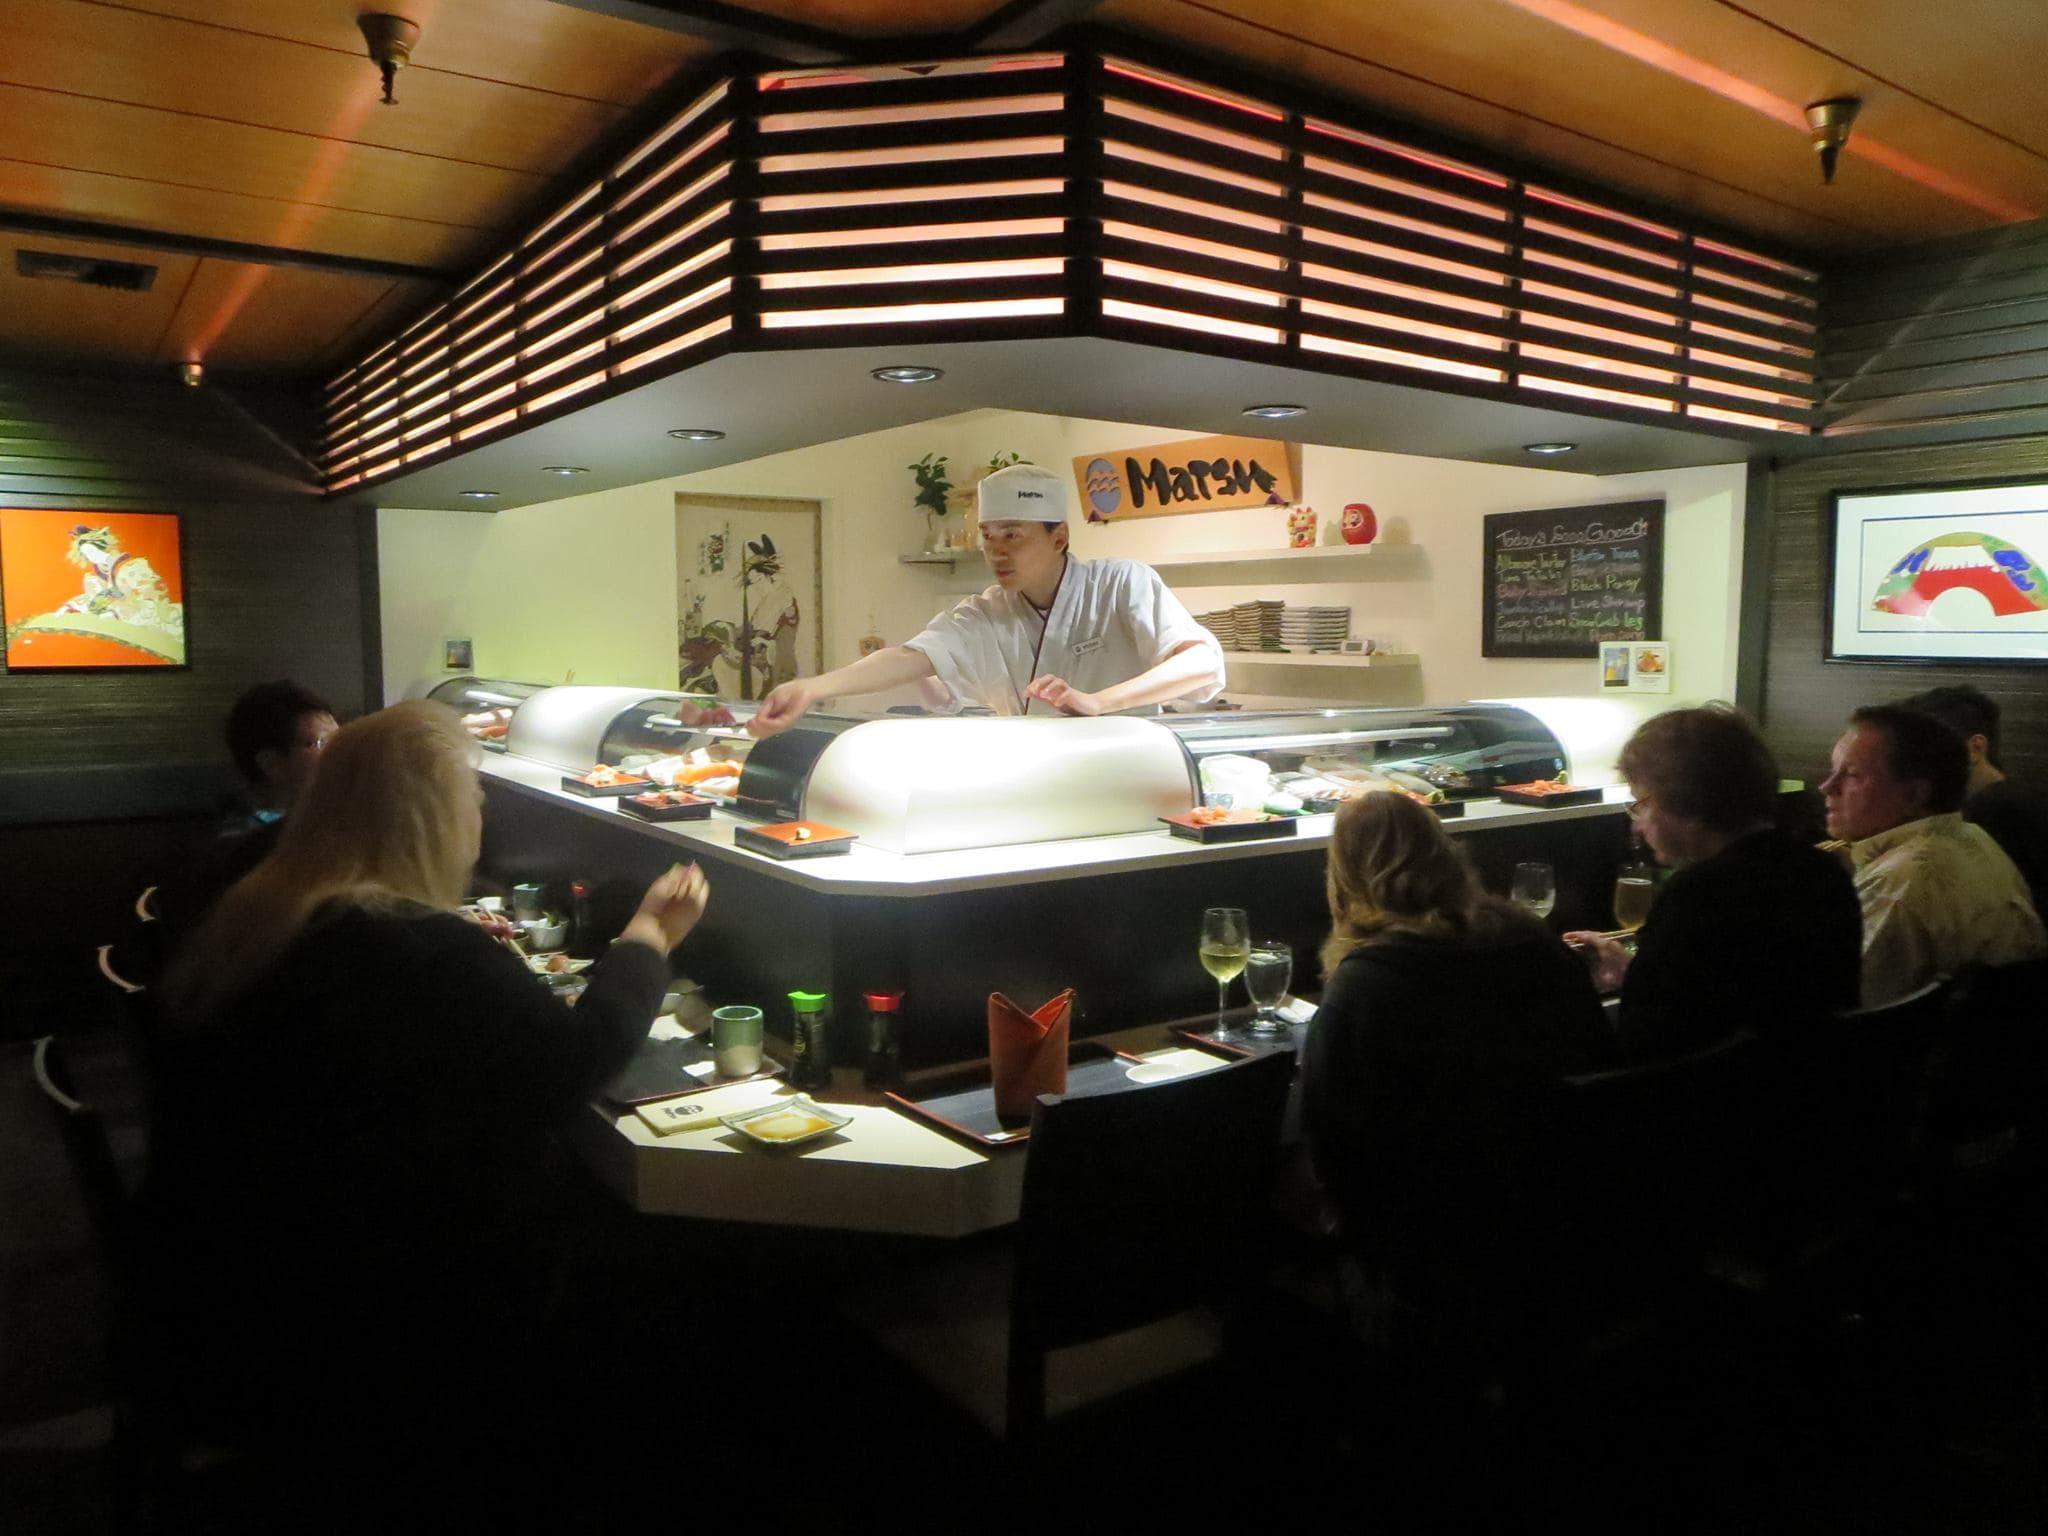 Matsu Sushi Bar